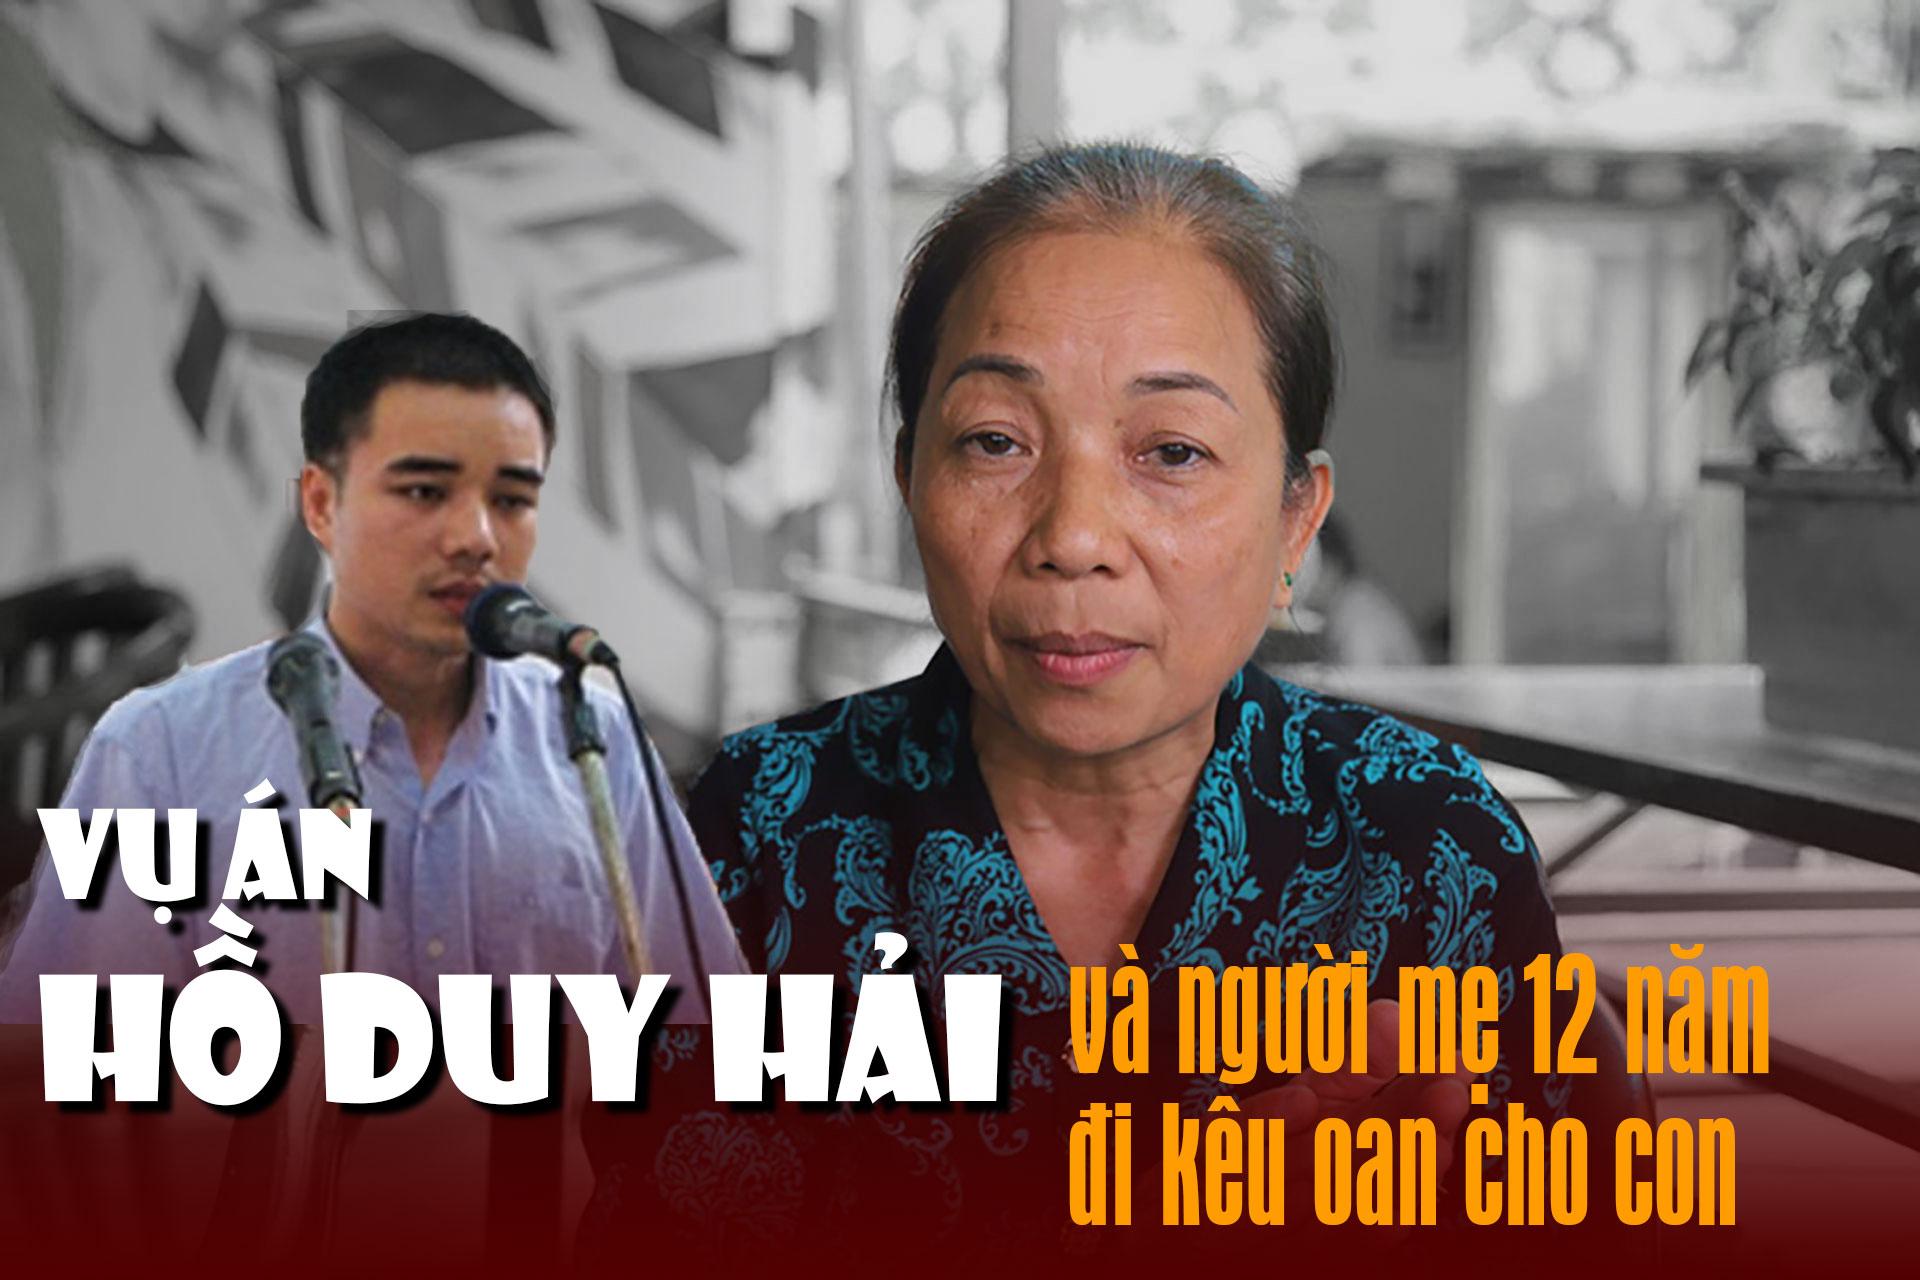 Toàn cảnh vụ án Hồ Duy Hải và người mẹ 12 năm đi kêu oan cho con - 1